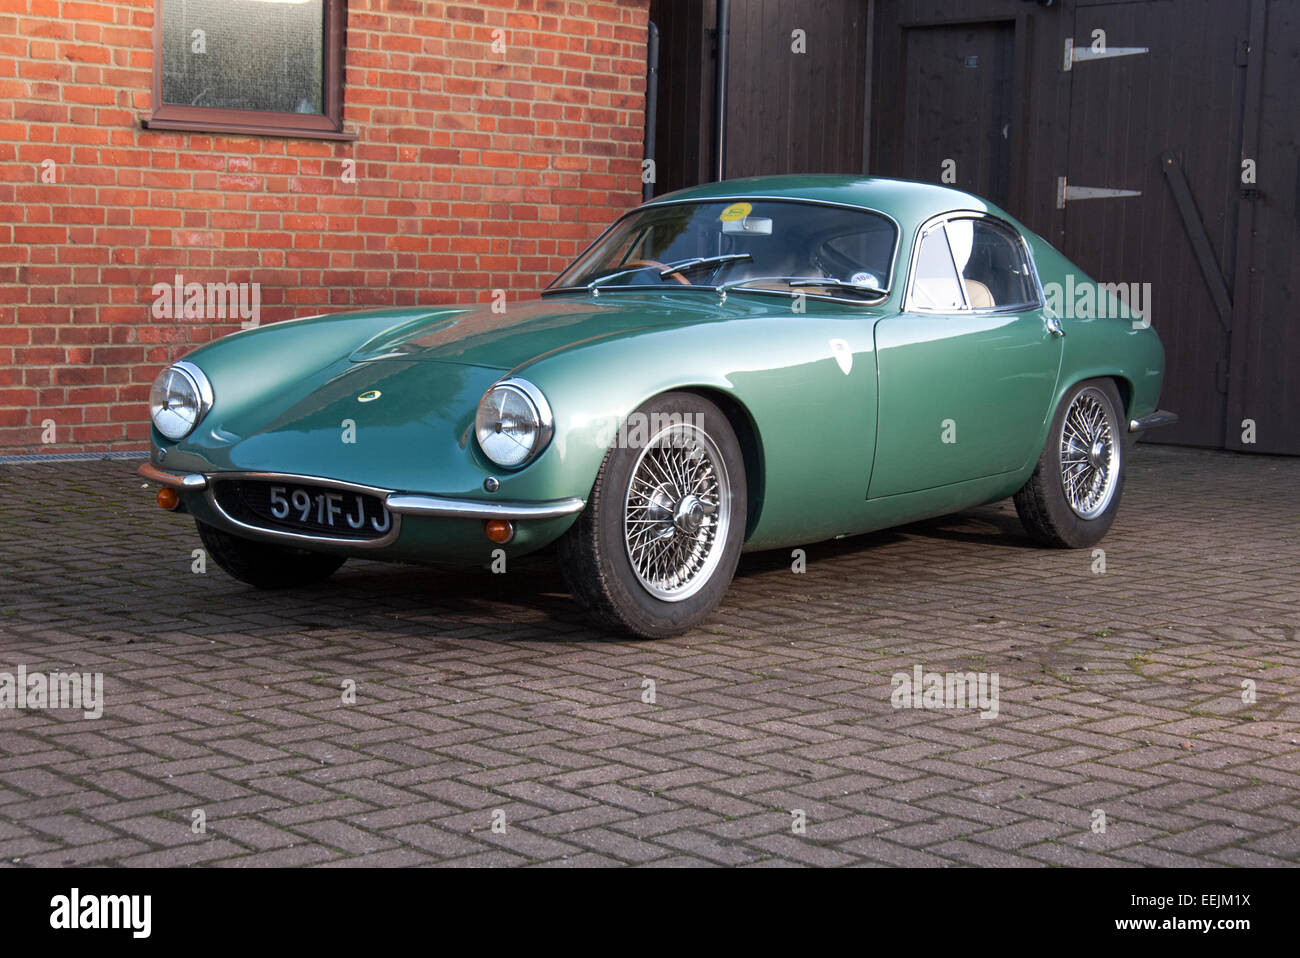 Lotus Elite Classic Car   Stock Image